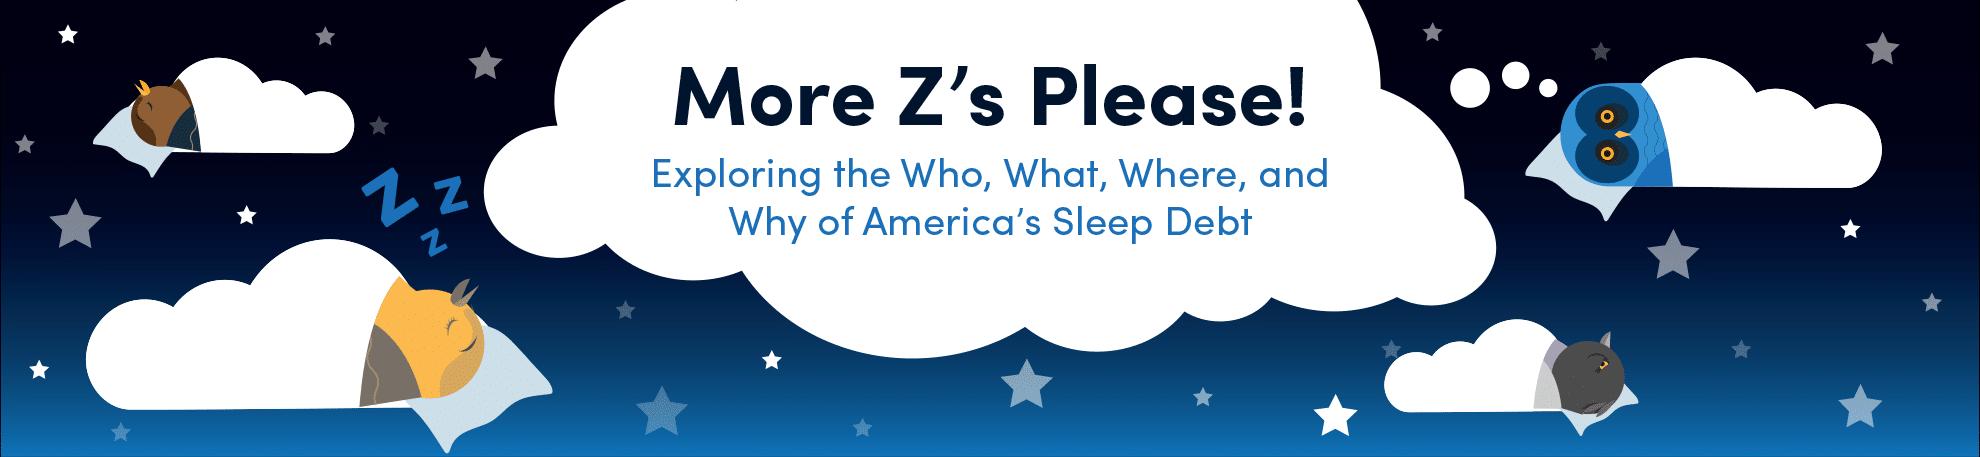 More Zzz's Please - Amerisleep